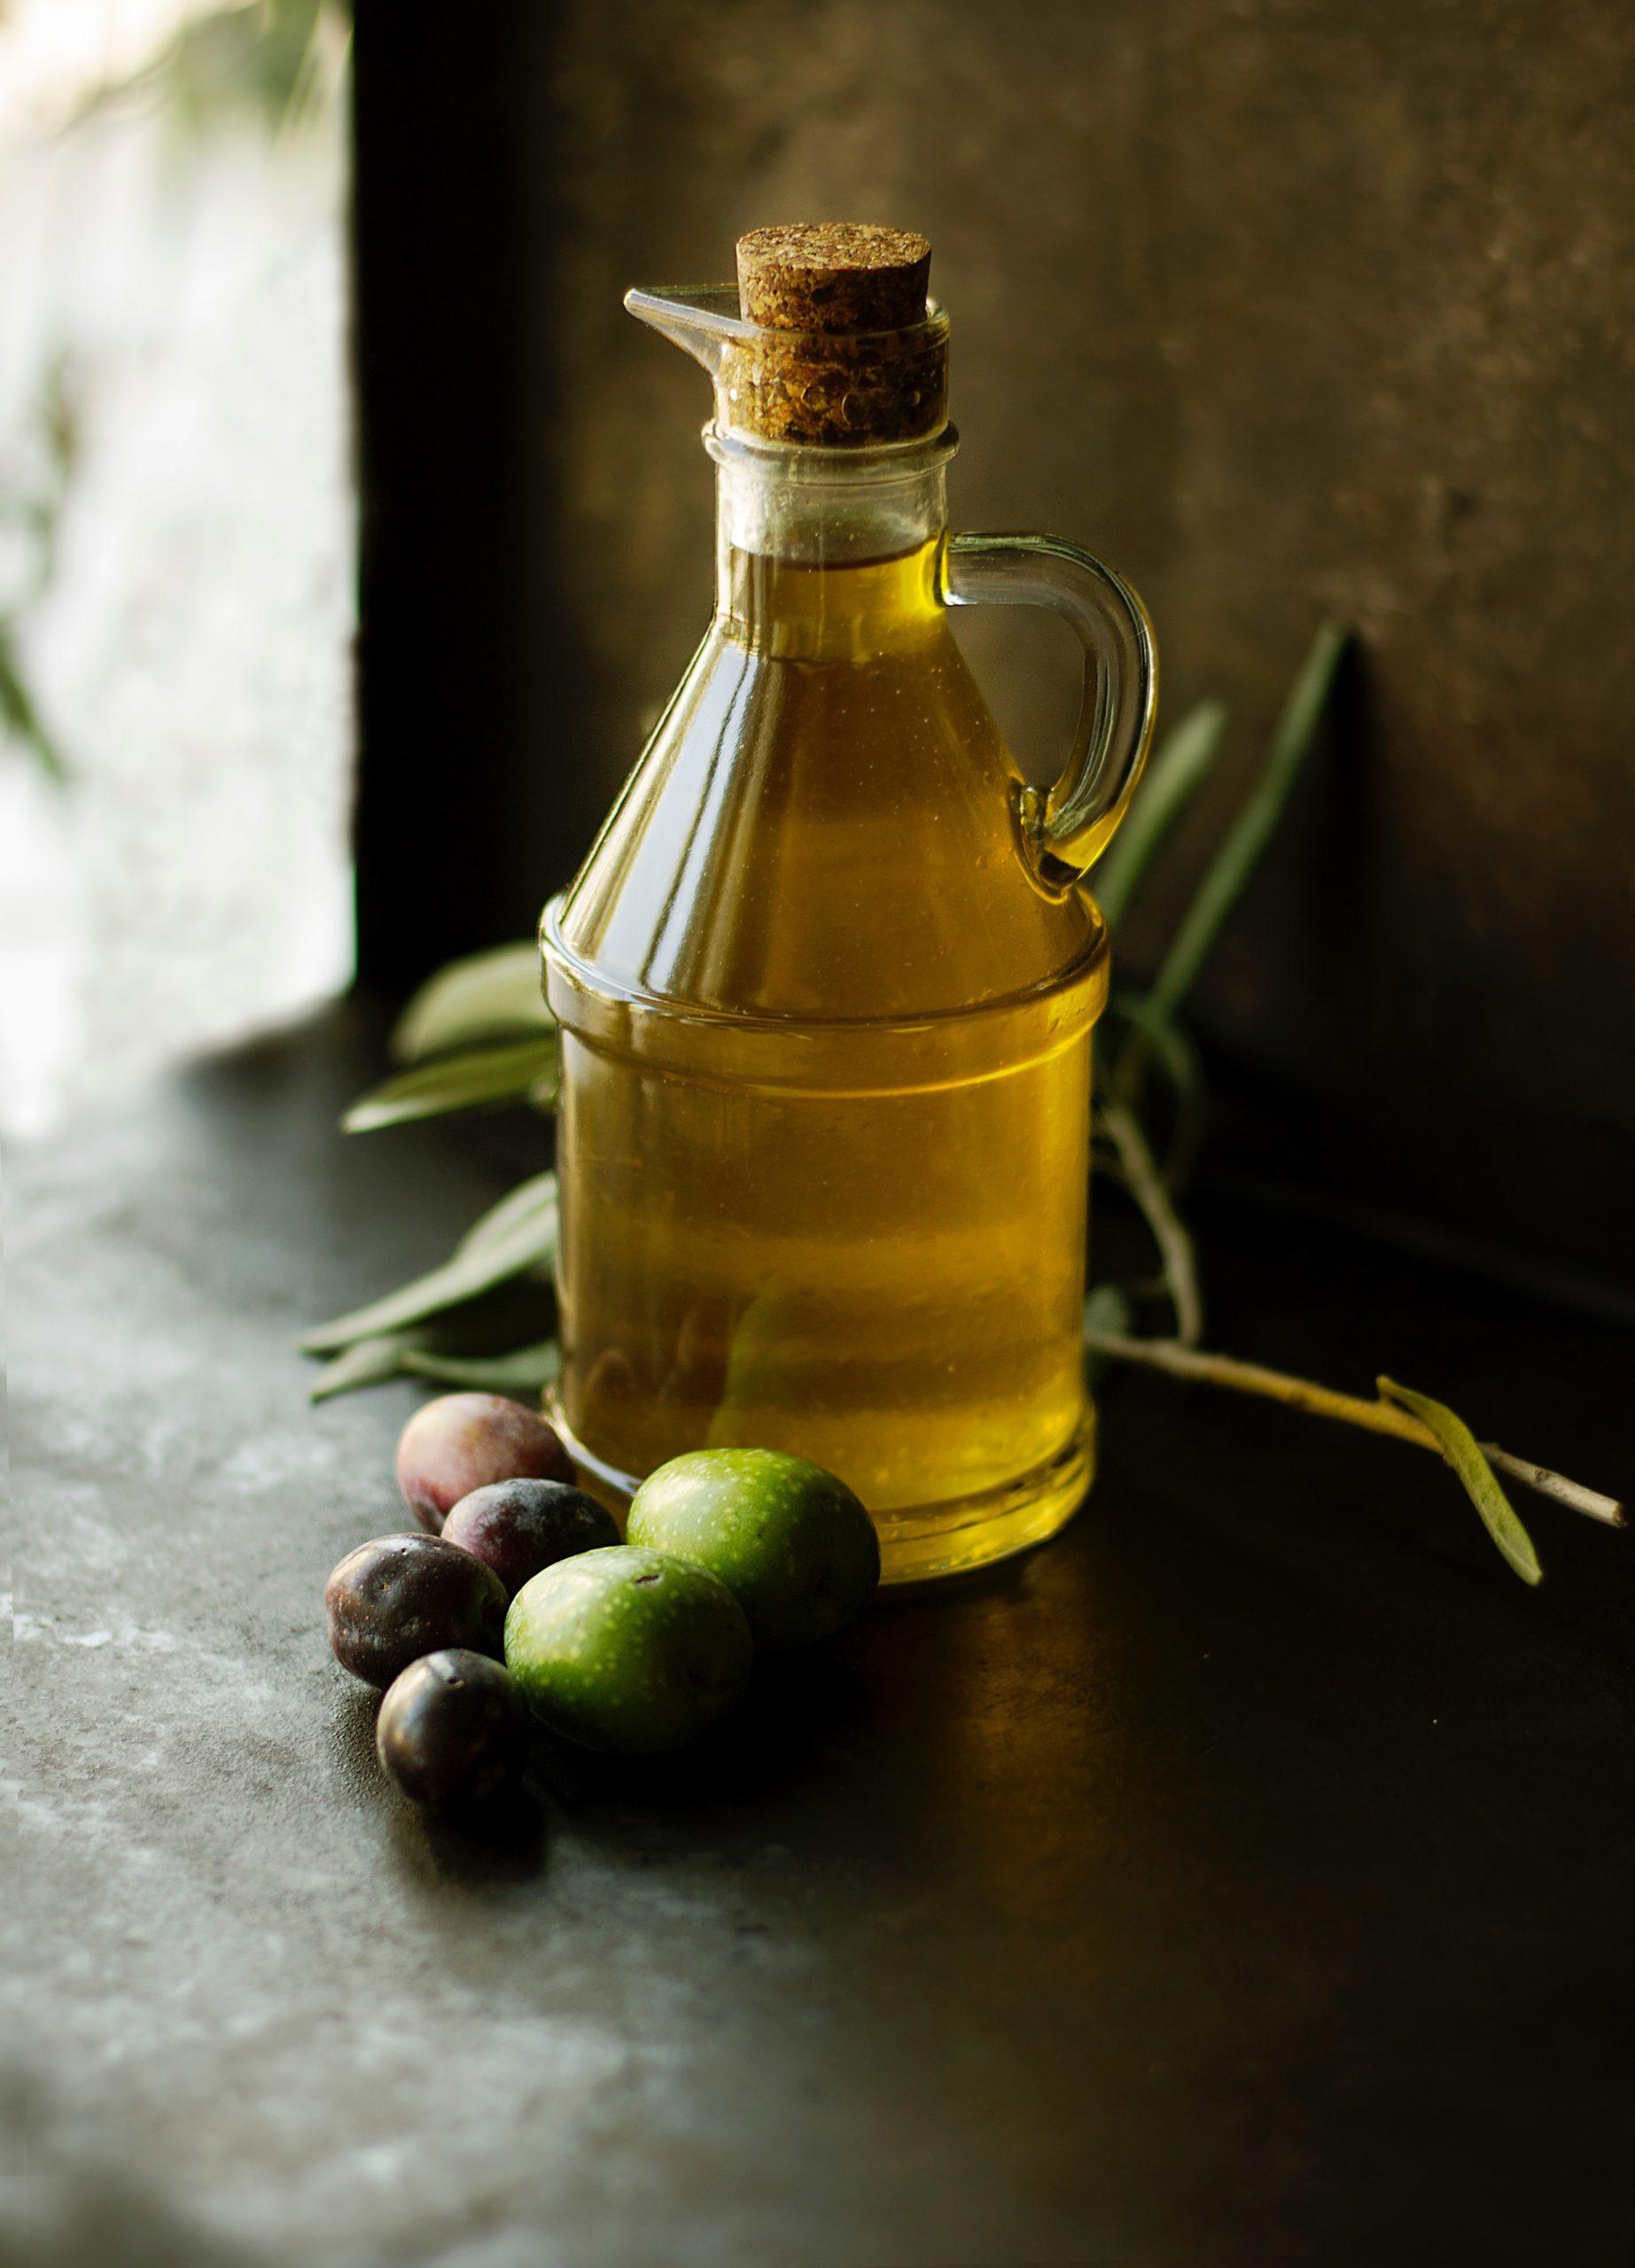 Hälsosam och god mat ger livskvalité